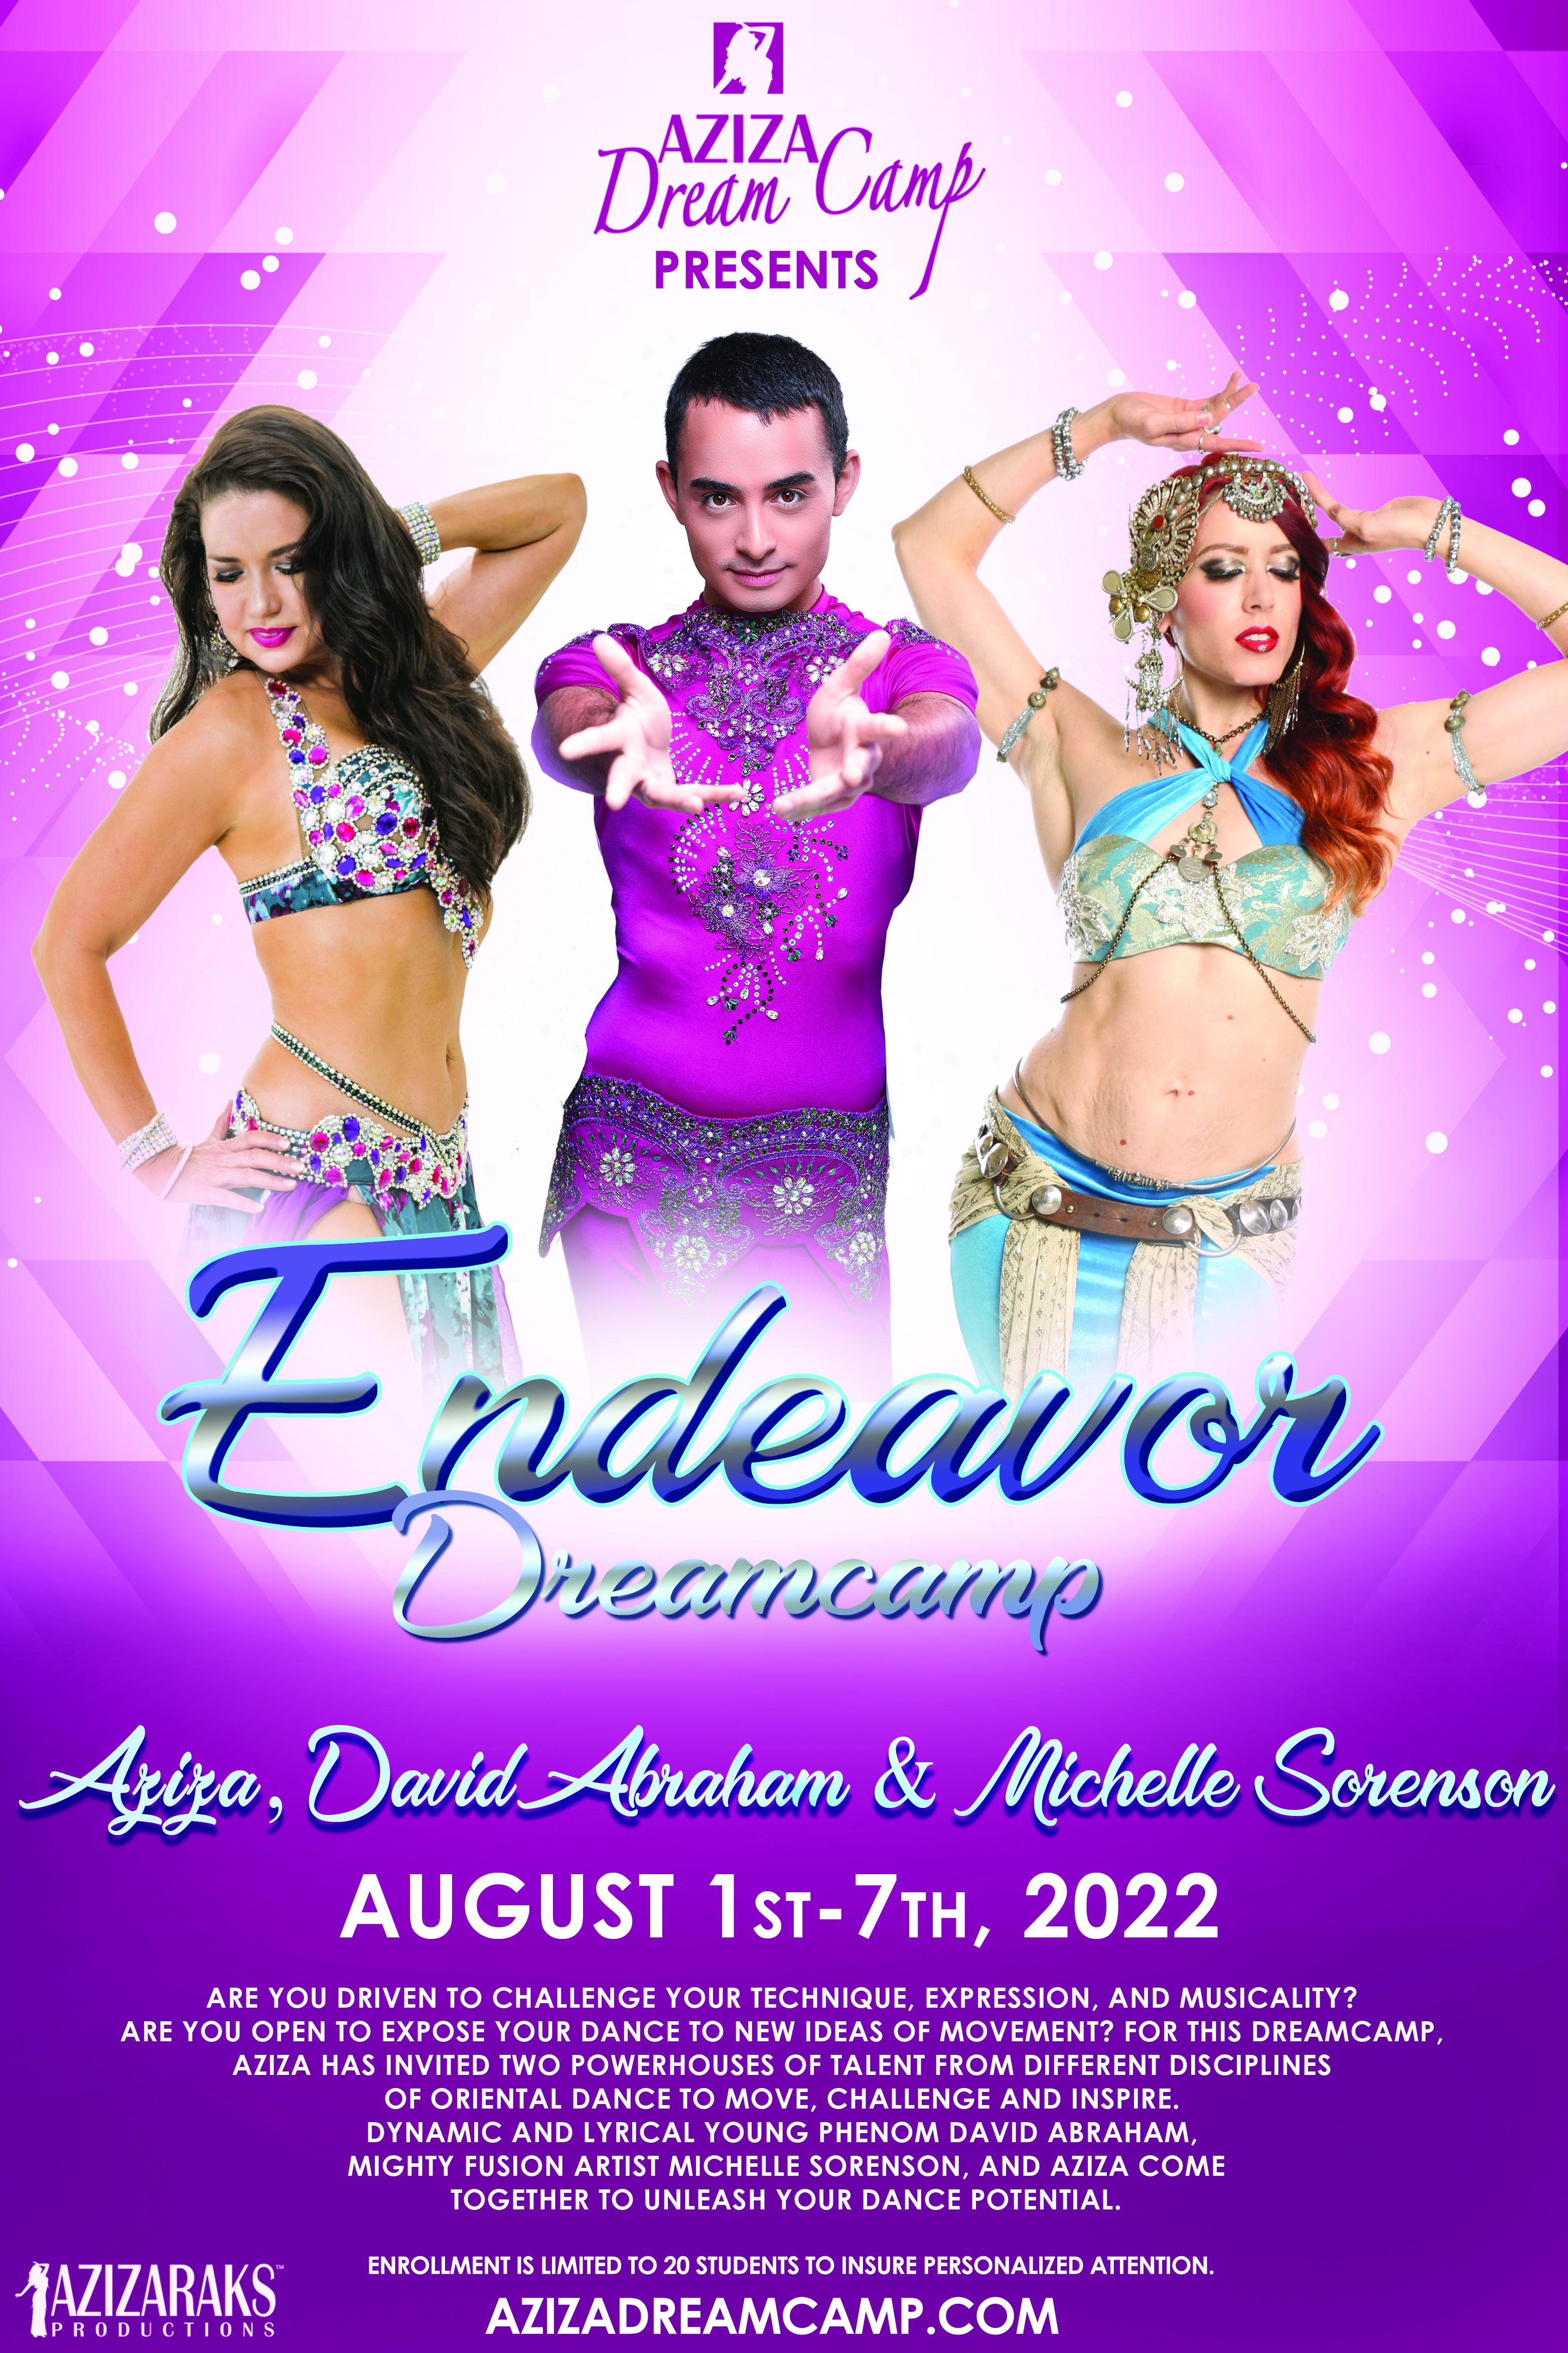 endeavor dreamcamp 2022